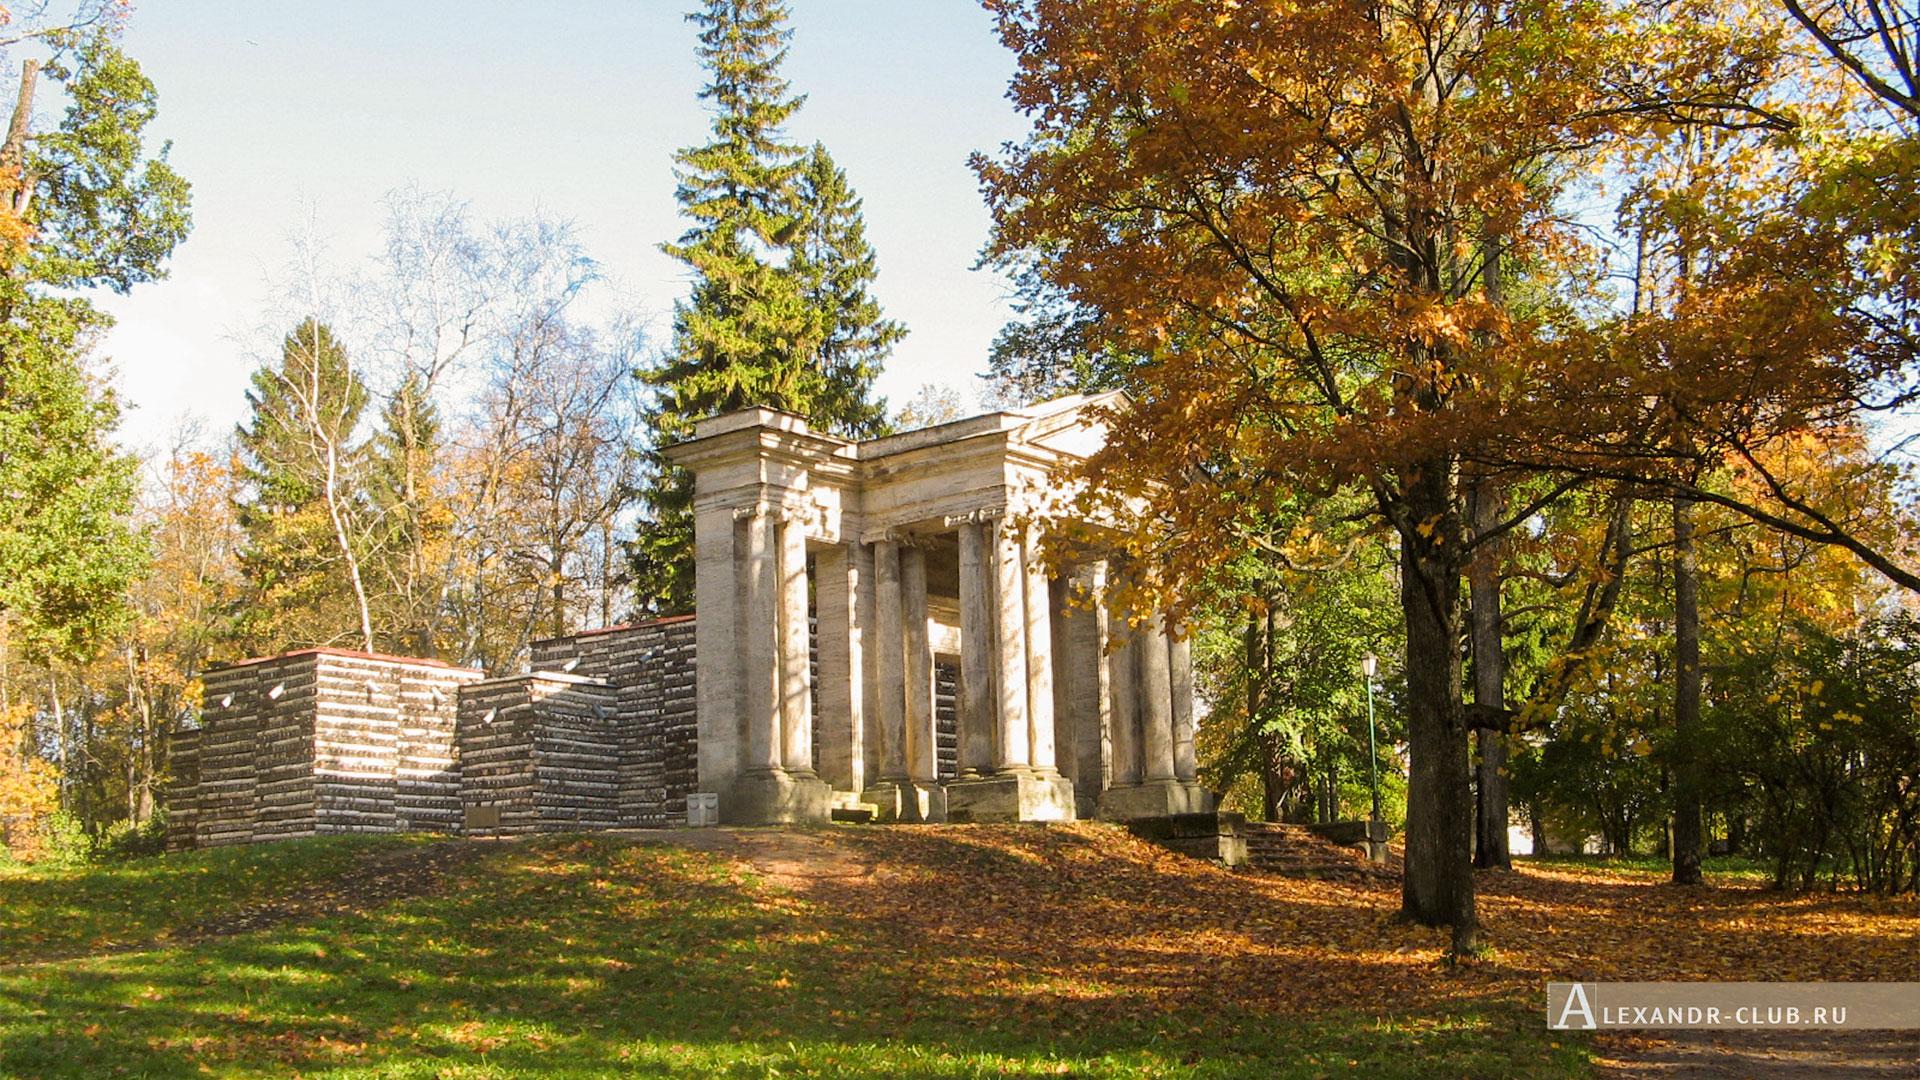 Гатчина, Гатчинский парк, осень, Портал «Маска» и Березовый домик